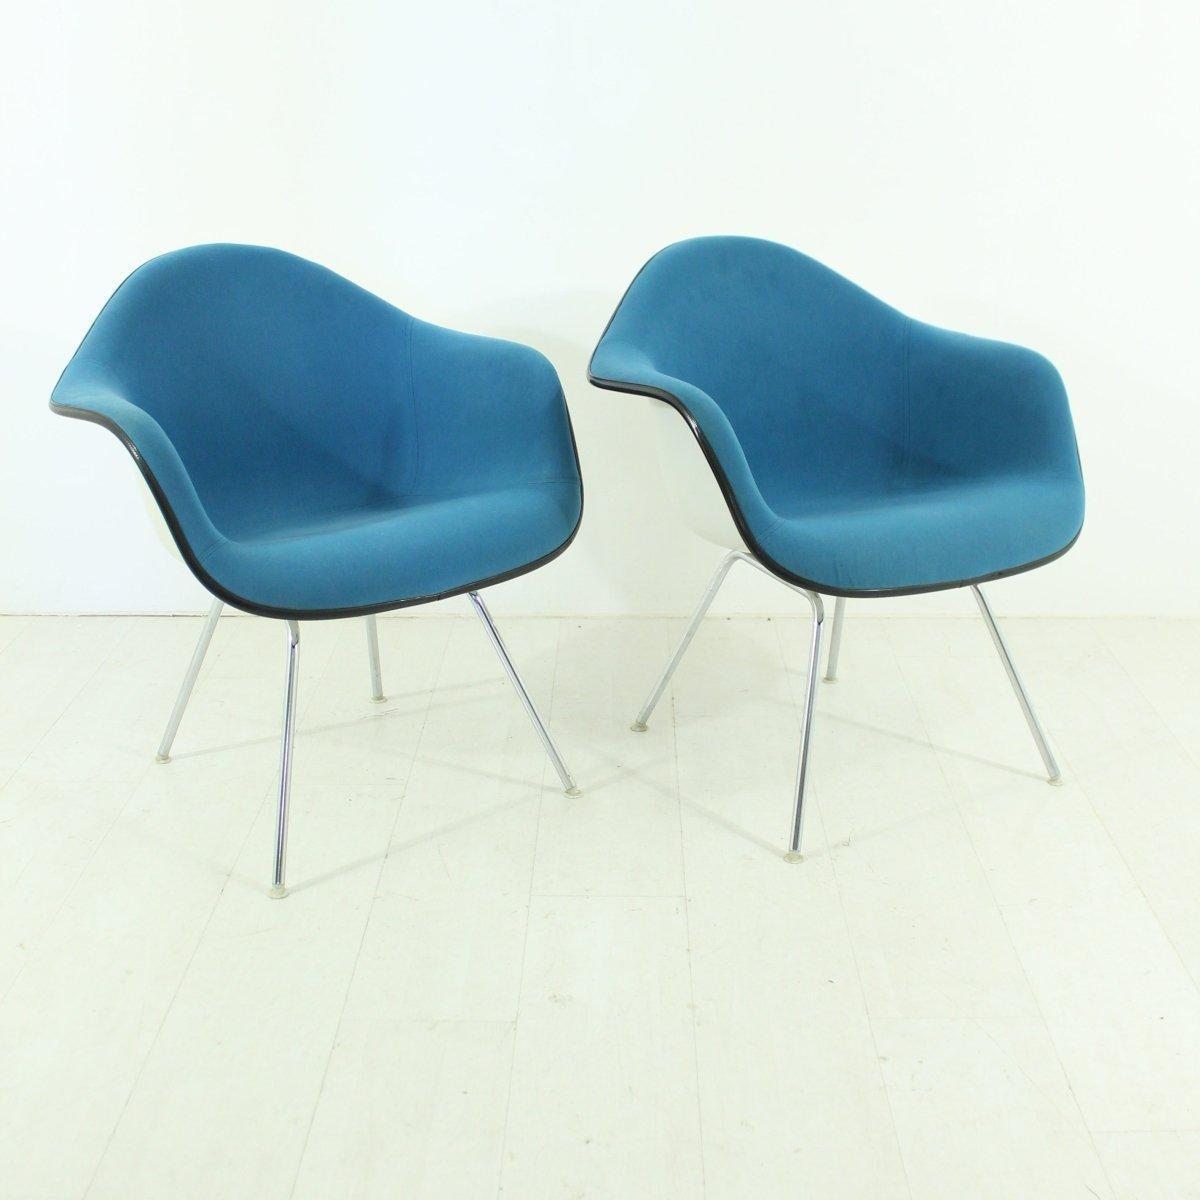 chaise vintage bleue par charles ray eames pour vitra en vente sur pamono. Black Bedroom Furniture Sets. Home Design Ideas